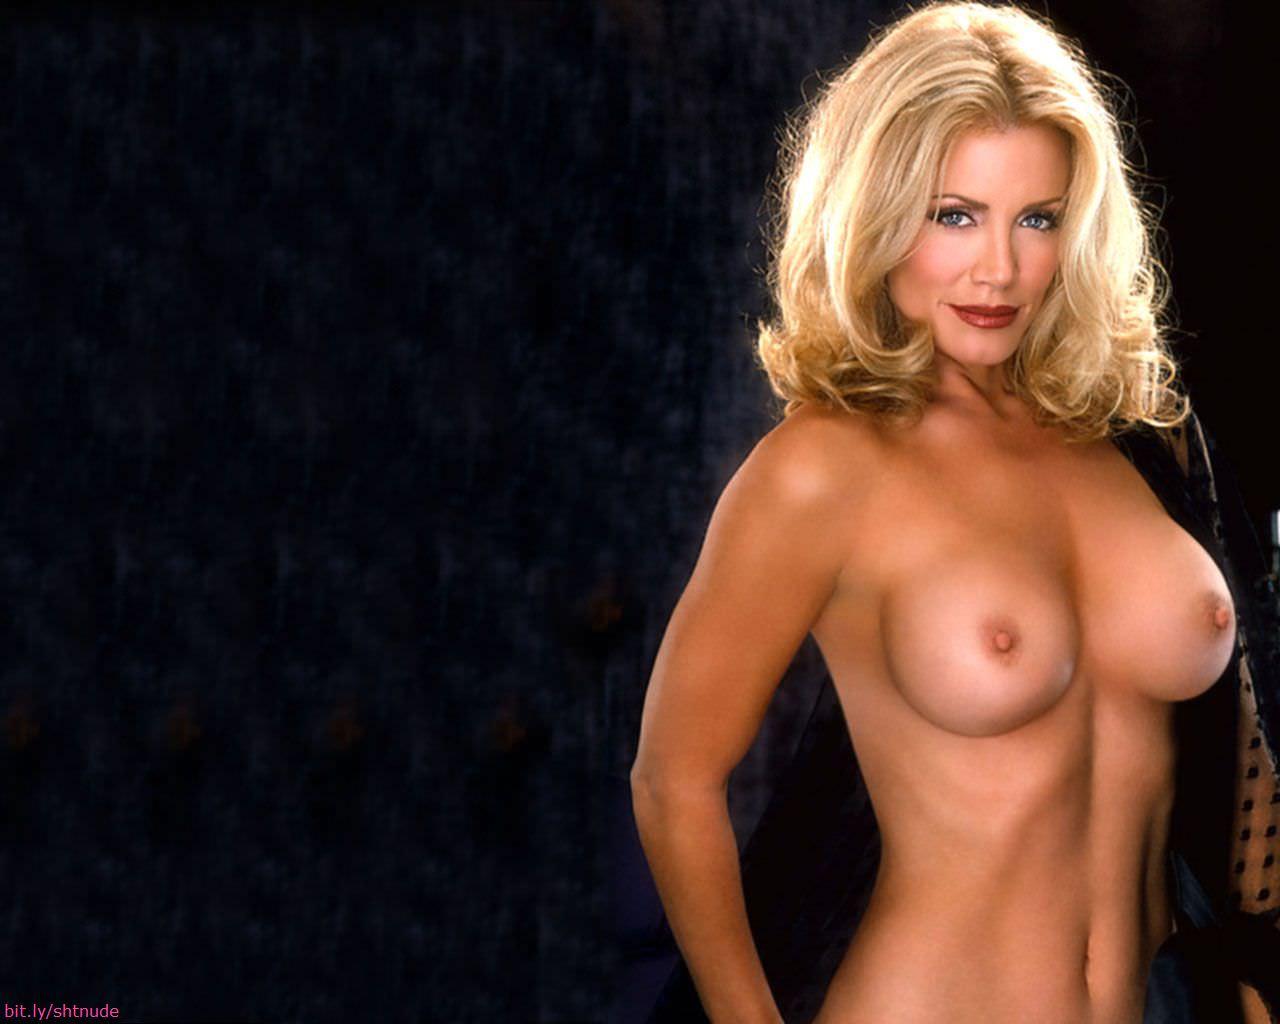 Full size sex doll naked